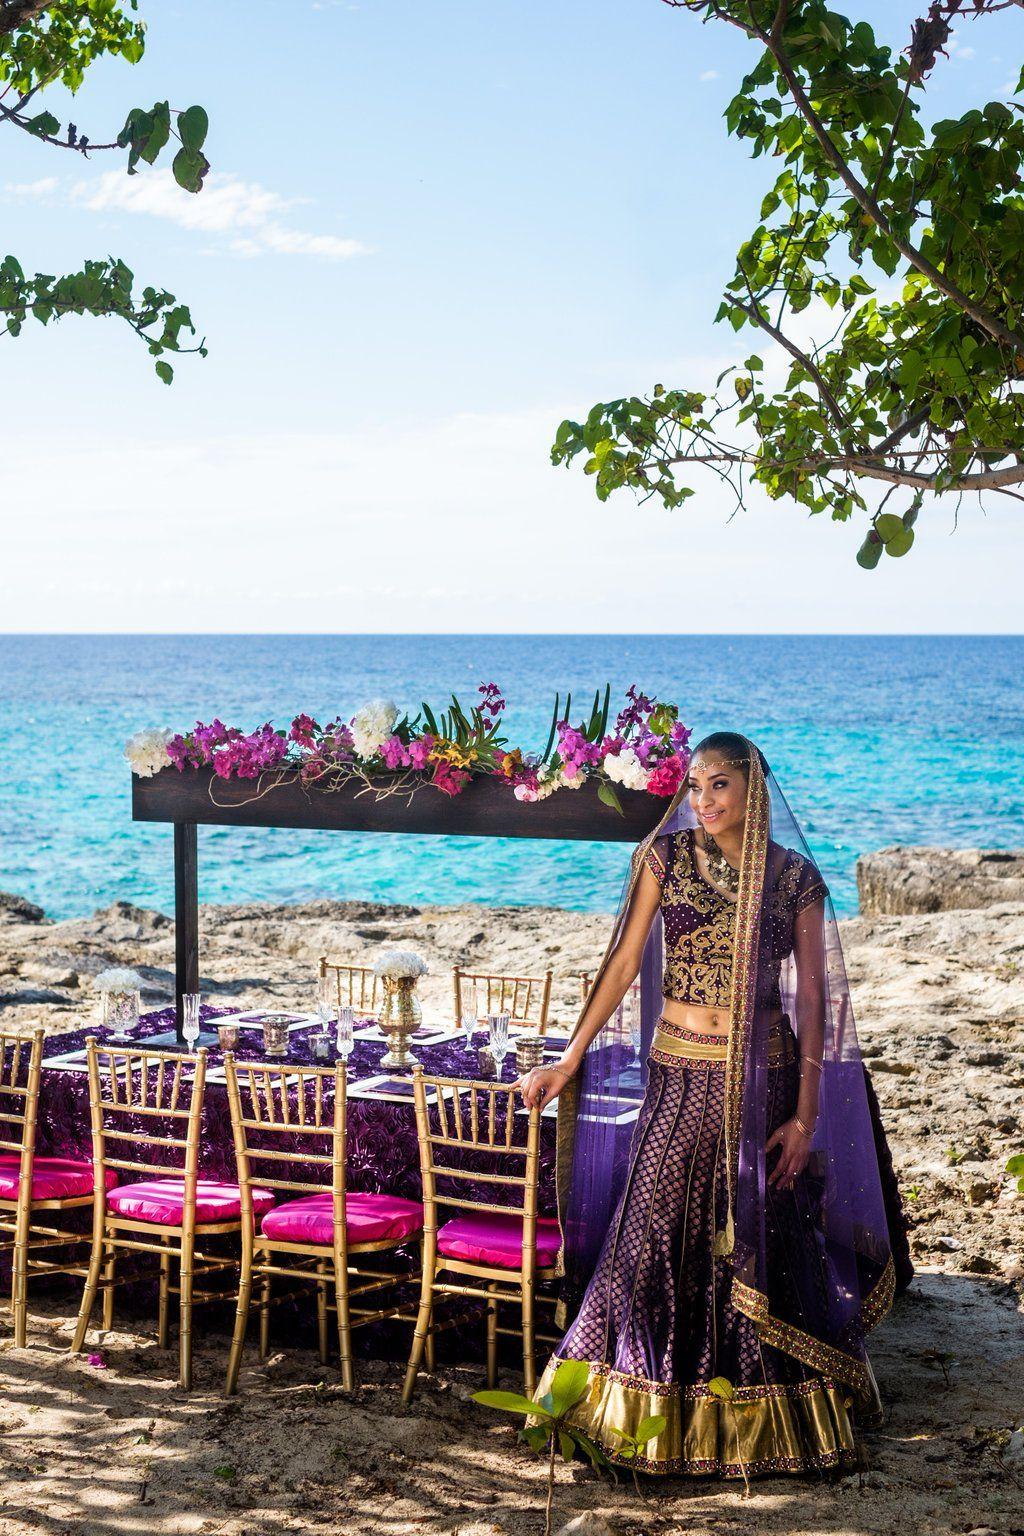 Borghinvilla A Unique Wedding Location In Jamaica My Jamaica